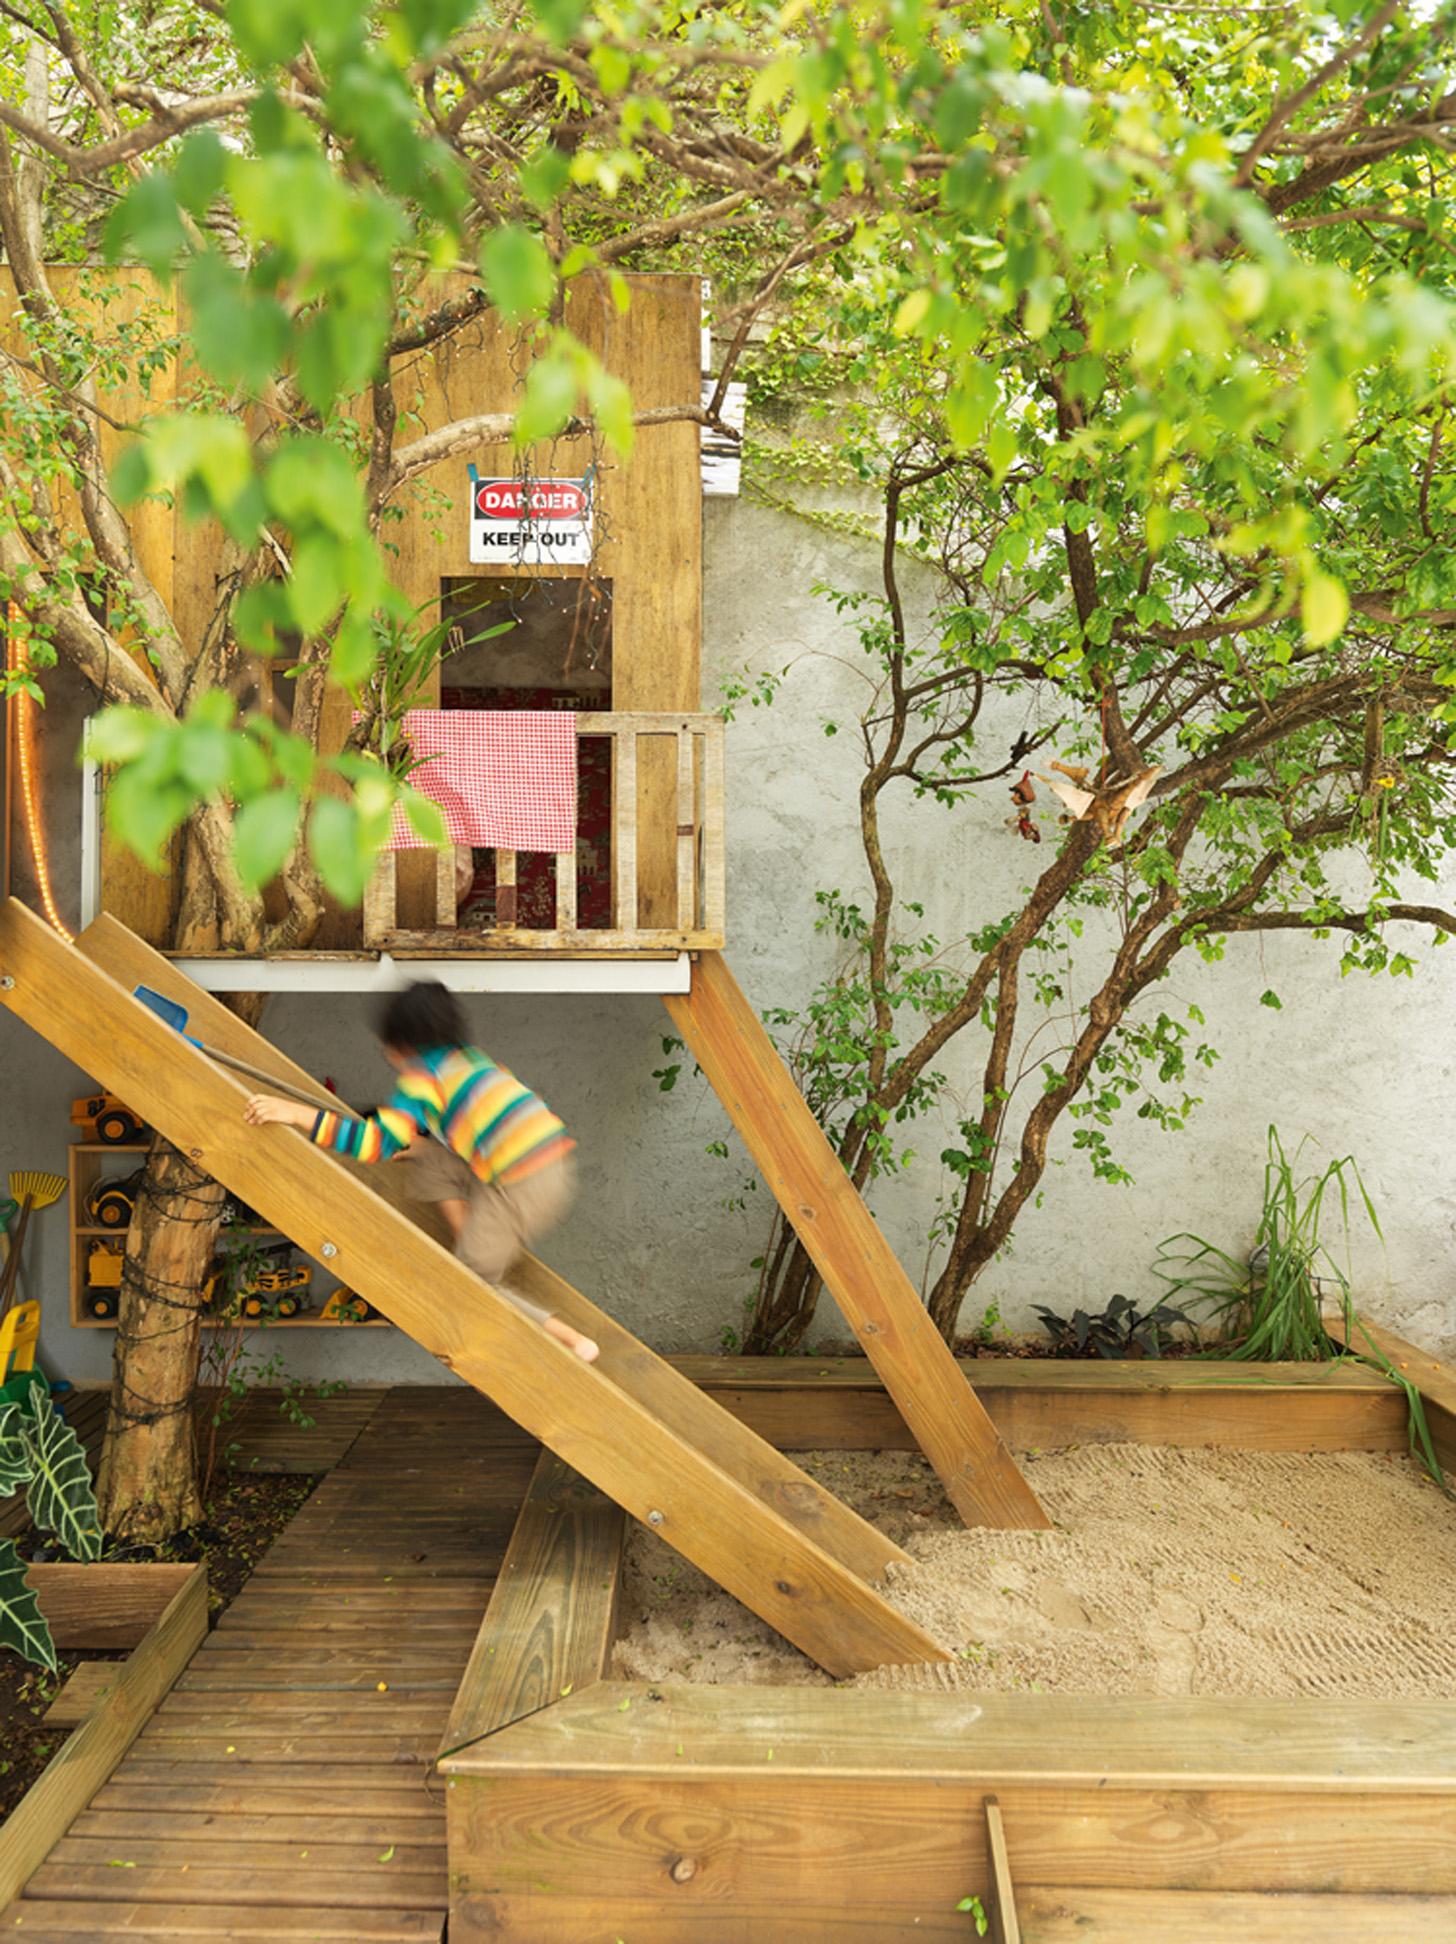 Faz-tudo: A casinha da árvore foi construída à mão por Fabio como presente para o filho mais velho, Mathias, em seu aniversário de 2 anos